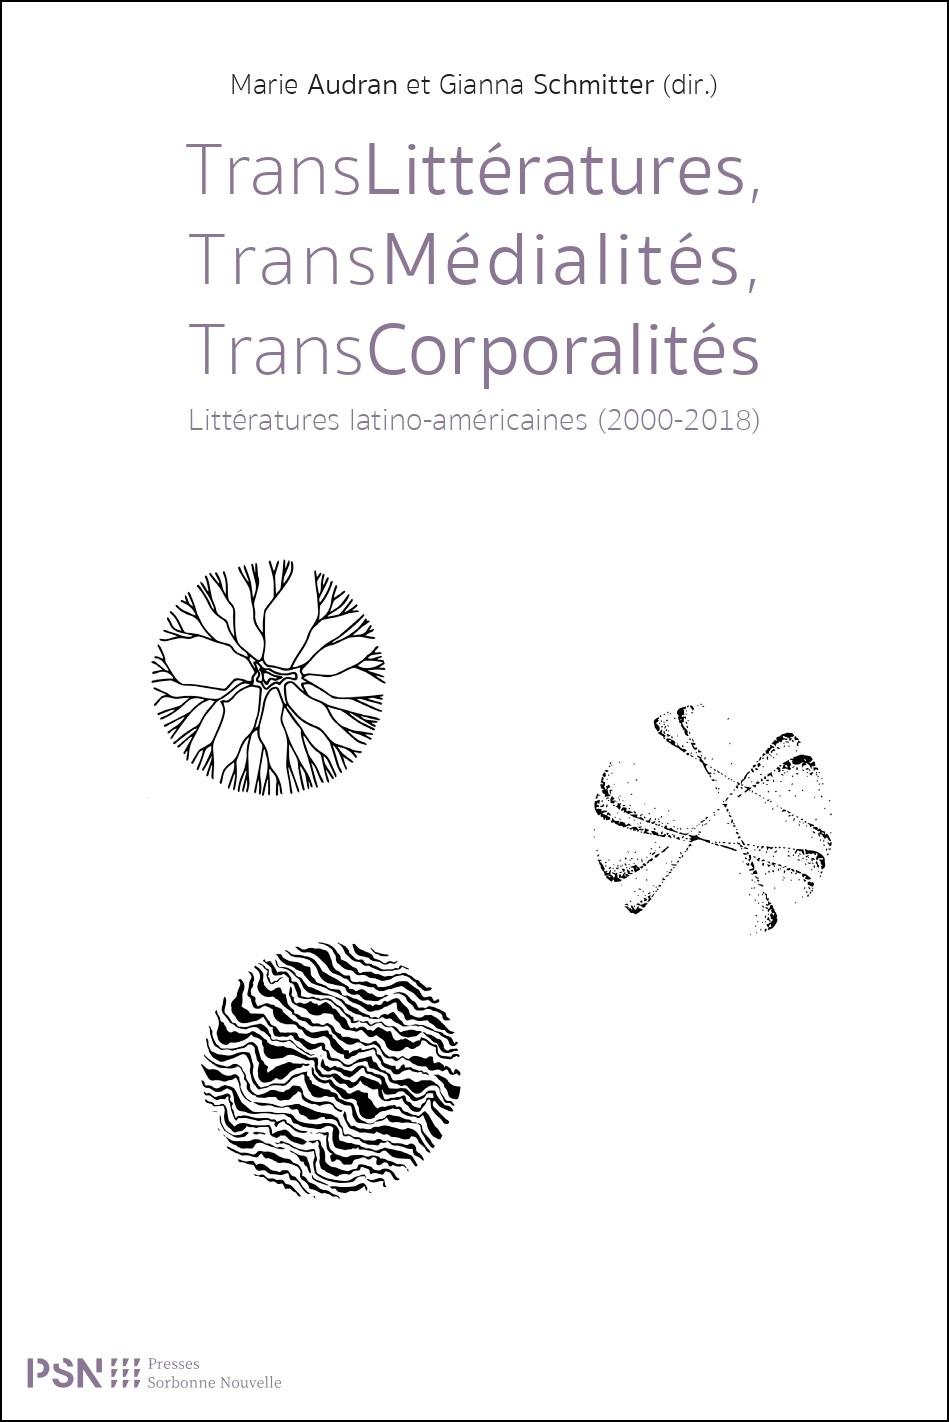 M. Audran, G. Schmitter (dir.), TransLittératures, TransMédialités, TransCorporalités. Littératures latino-américaines (2000-2018)